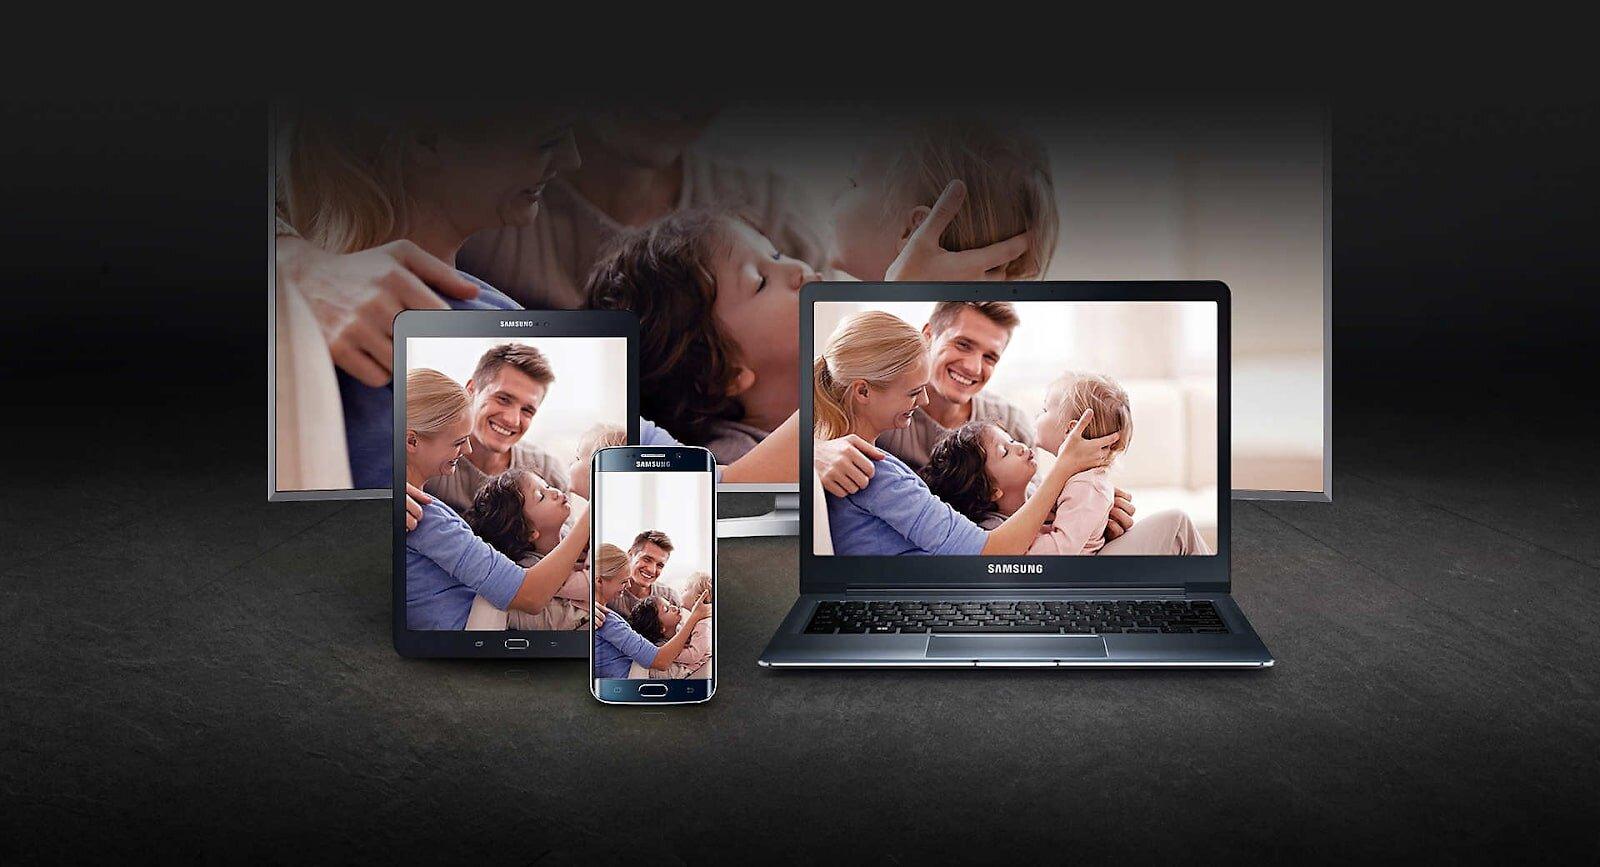 Điều khiển tivi bằng ứng dụng Samsung Smart view.